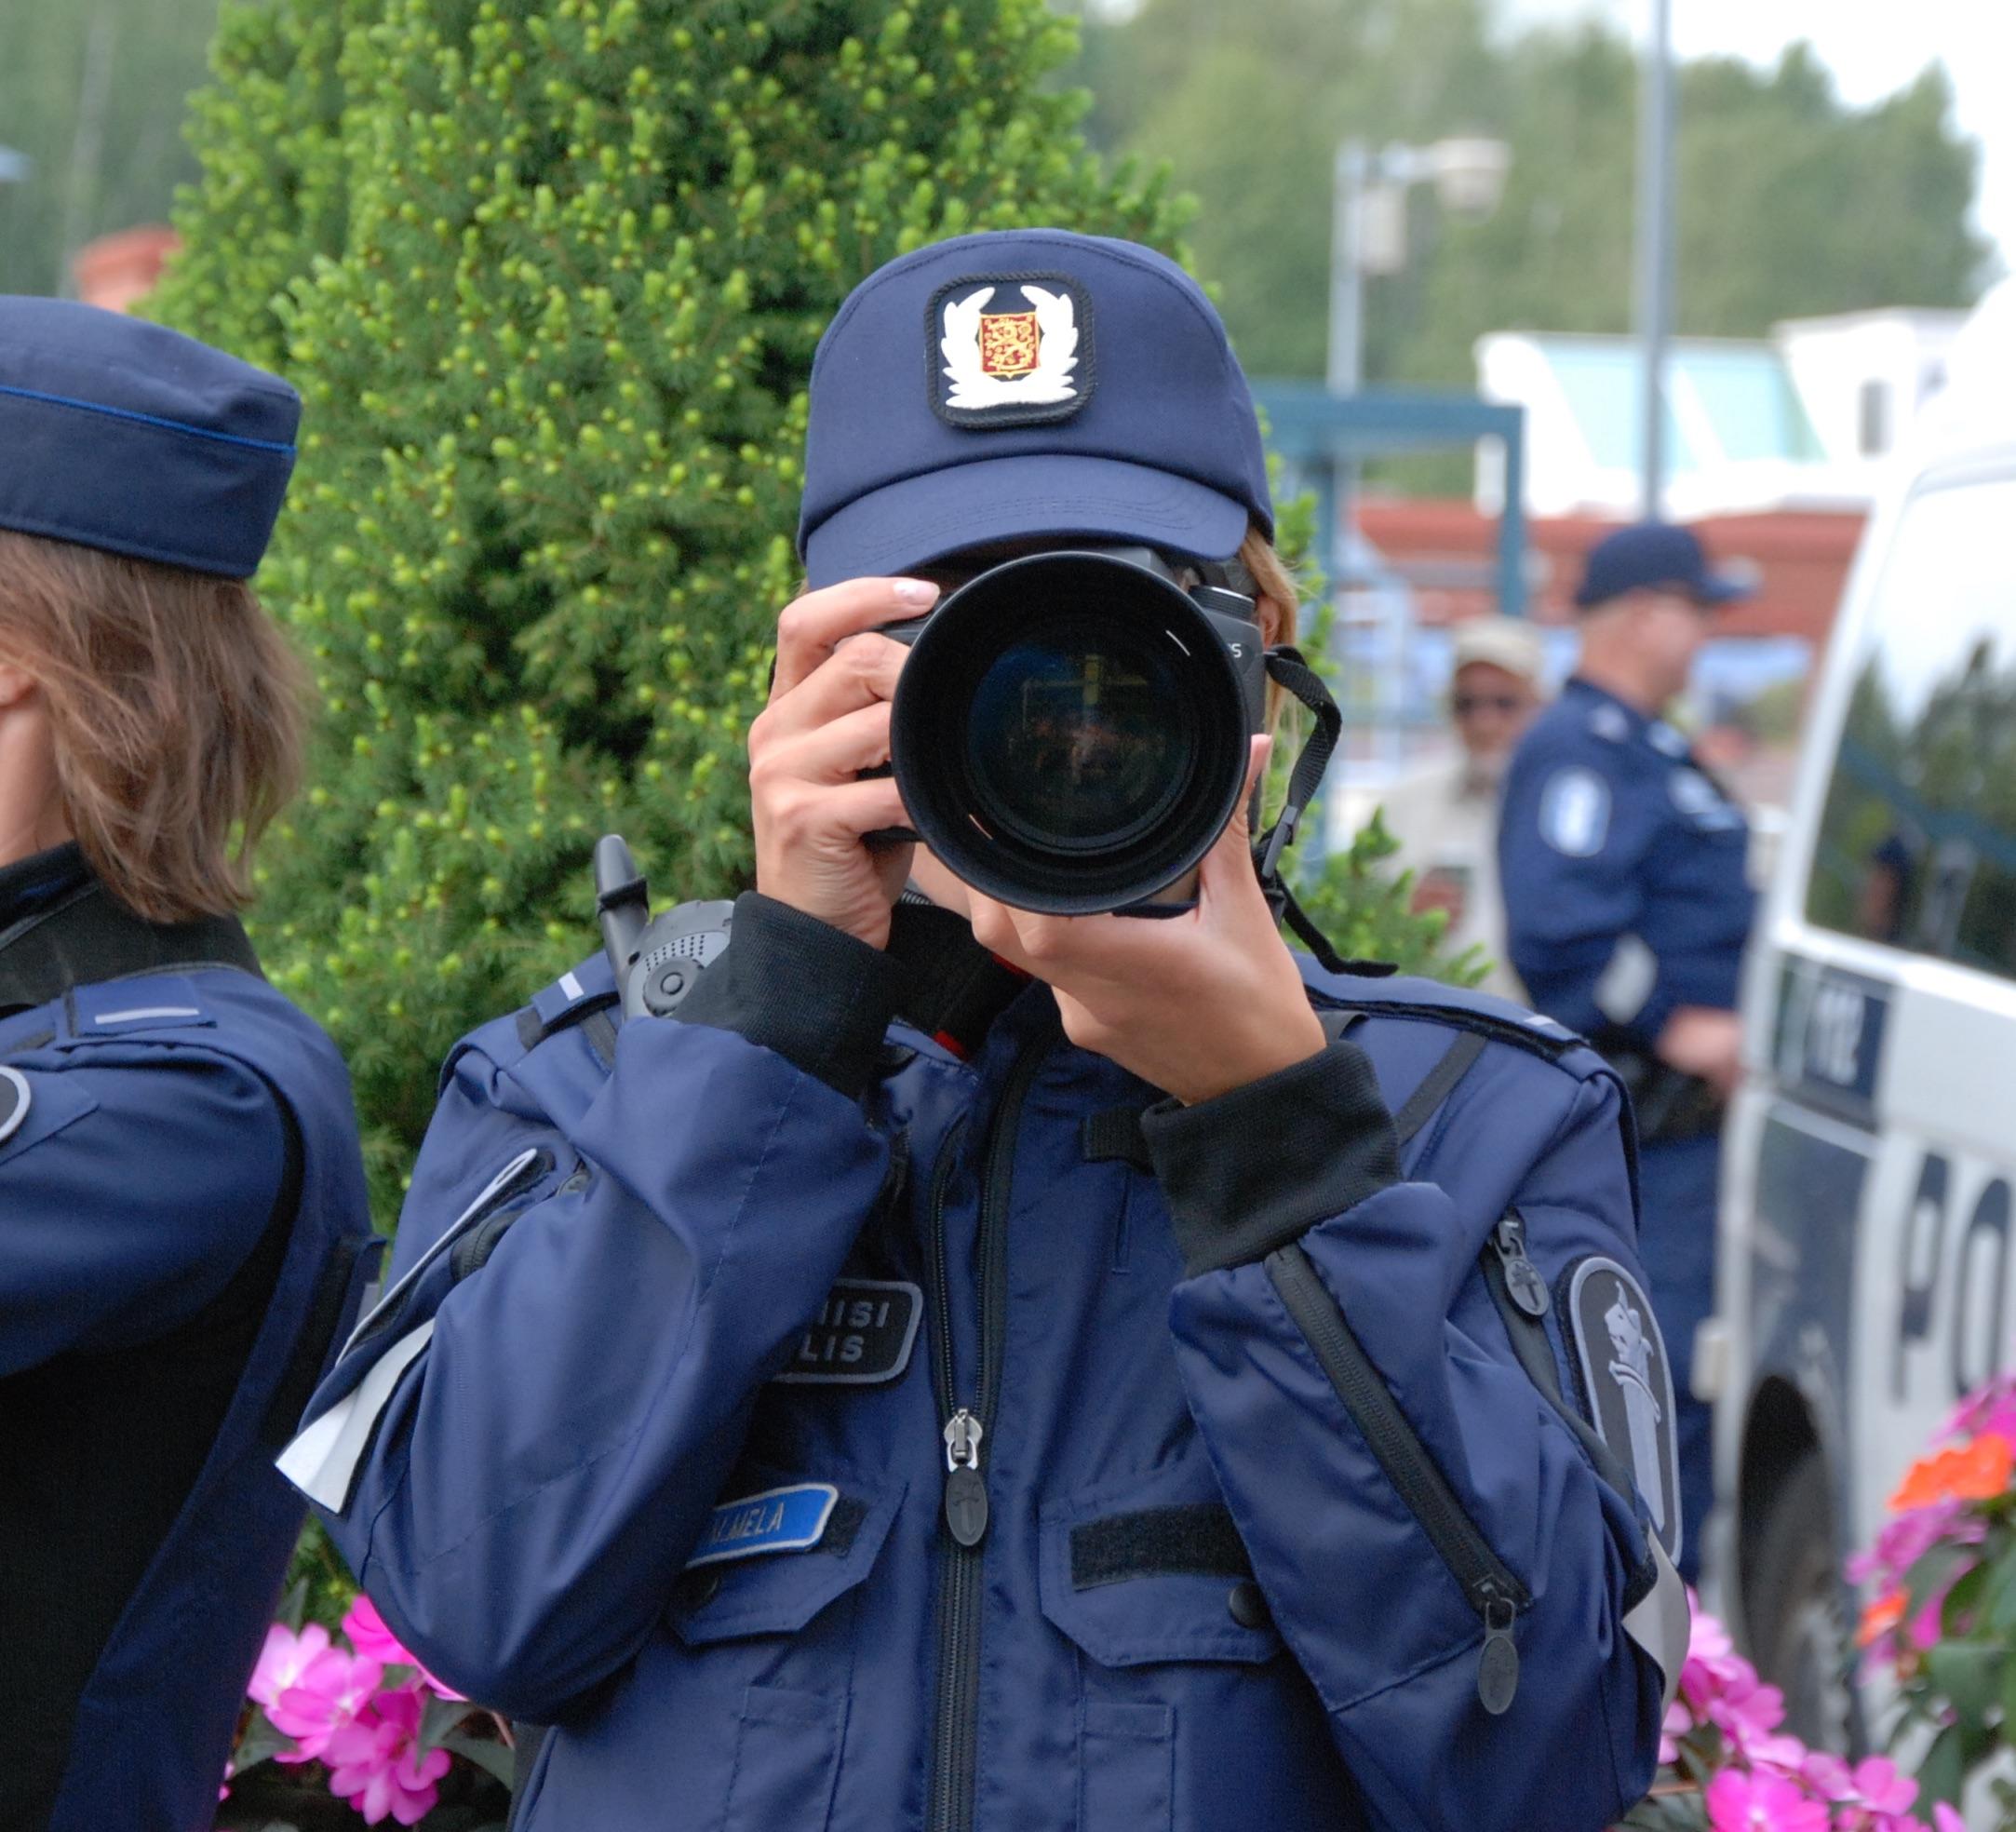 Tasapeli. Poliisi kuvasi minut (ja kaikki muut paikalla olleet) ja minä kuvasin poliisin. Maapallo jatkoi radallaan eikä universumia kiinnostanut.